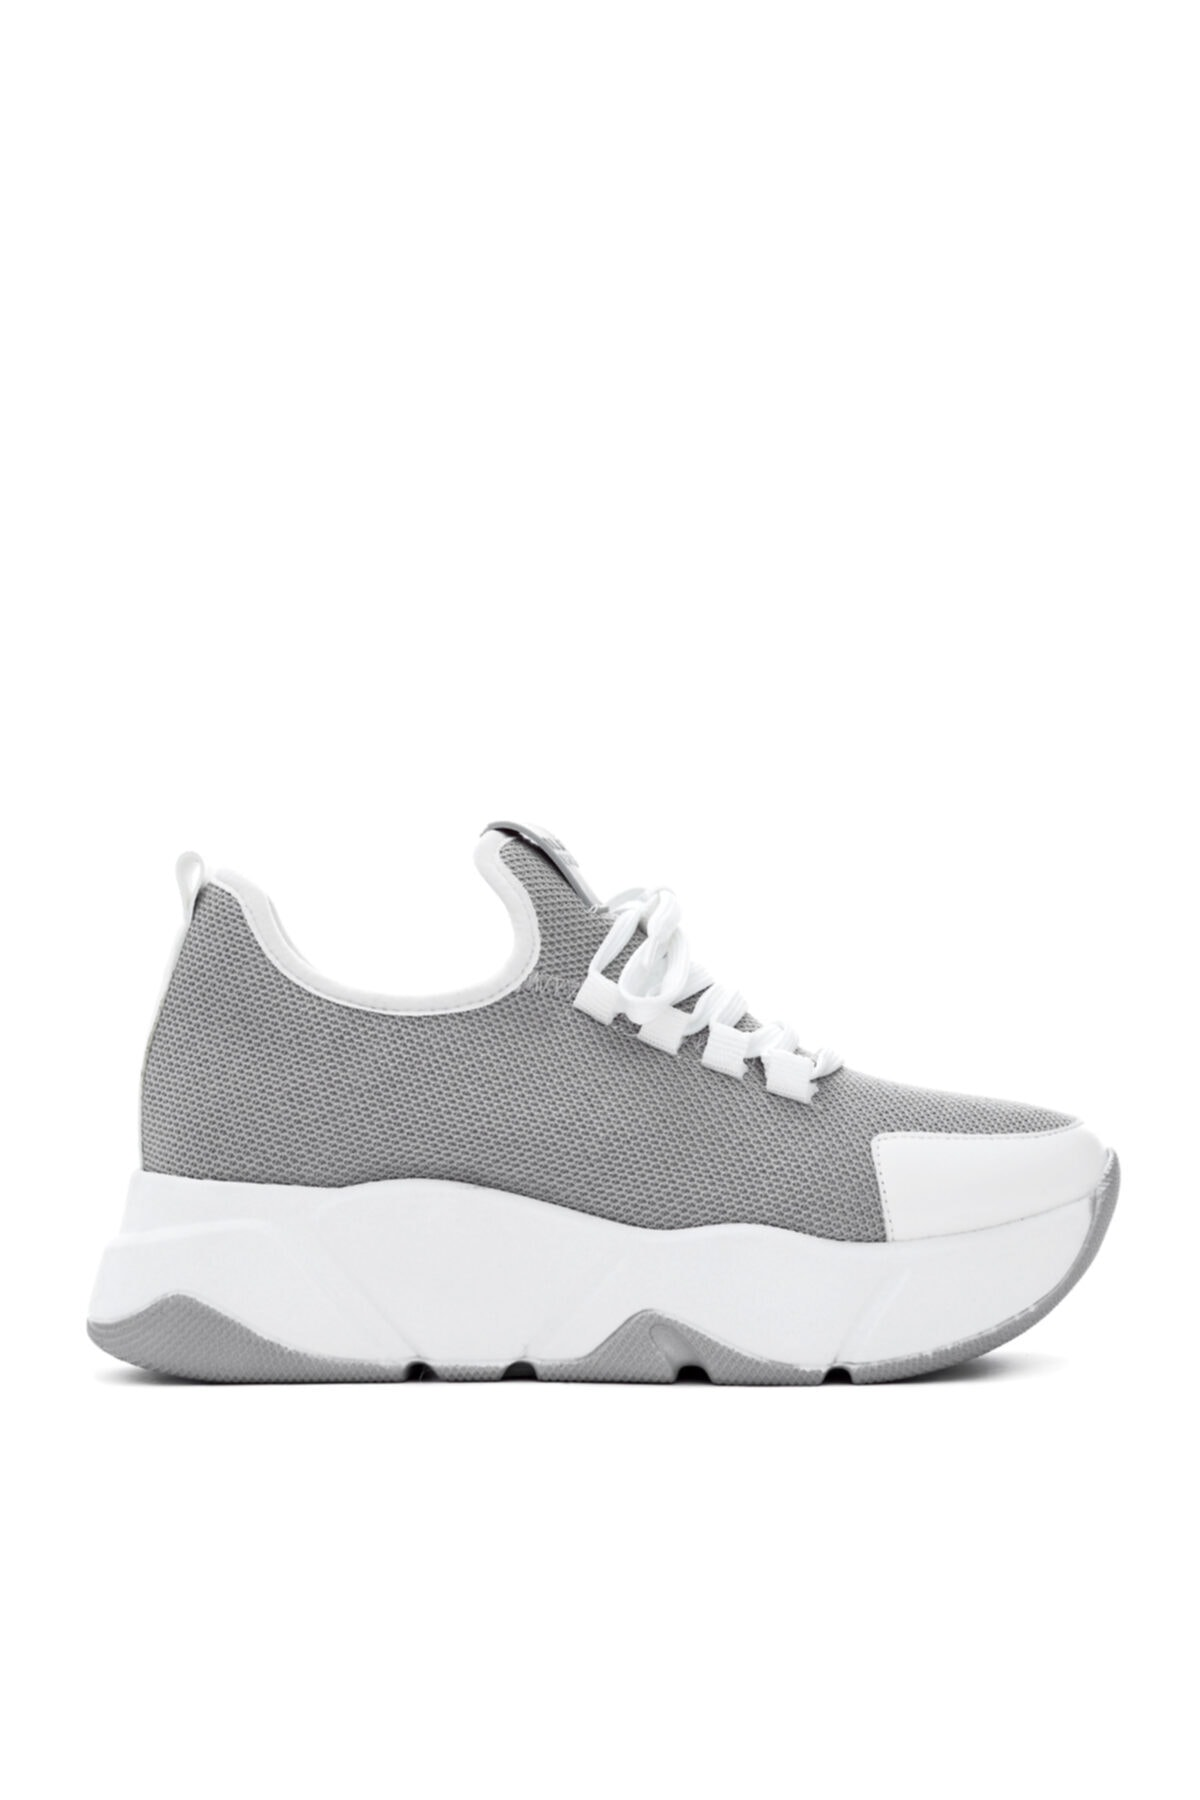 Kadın Gri Tekstil  Sneakers